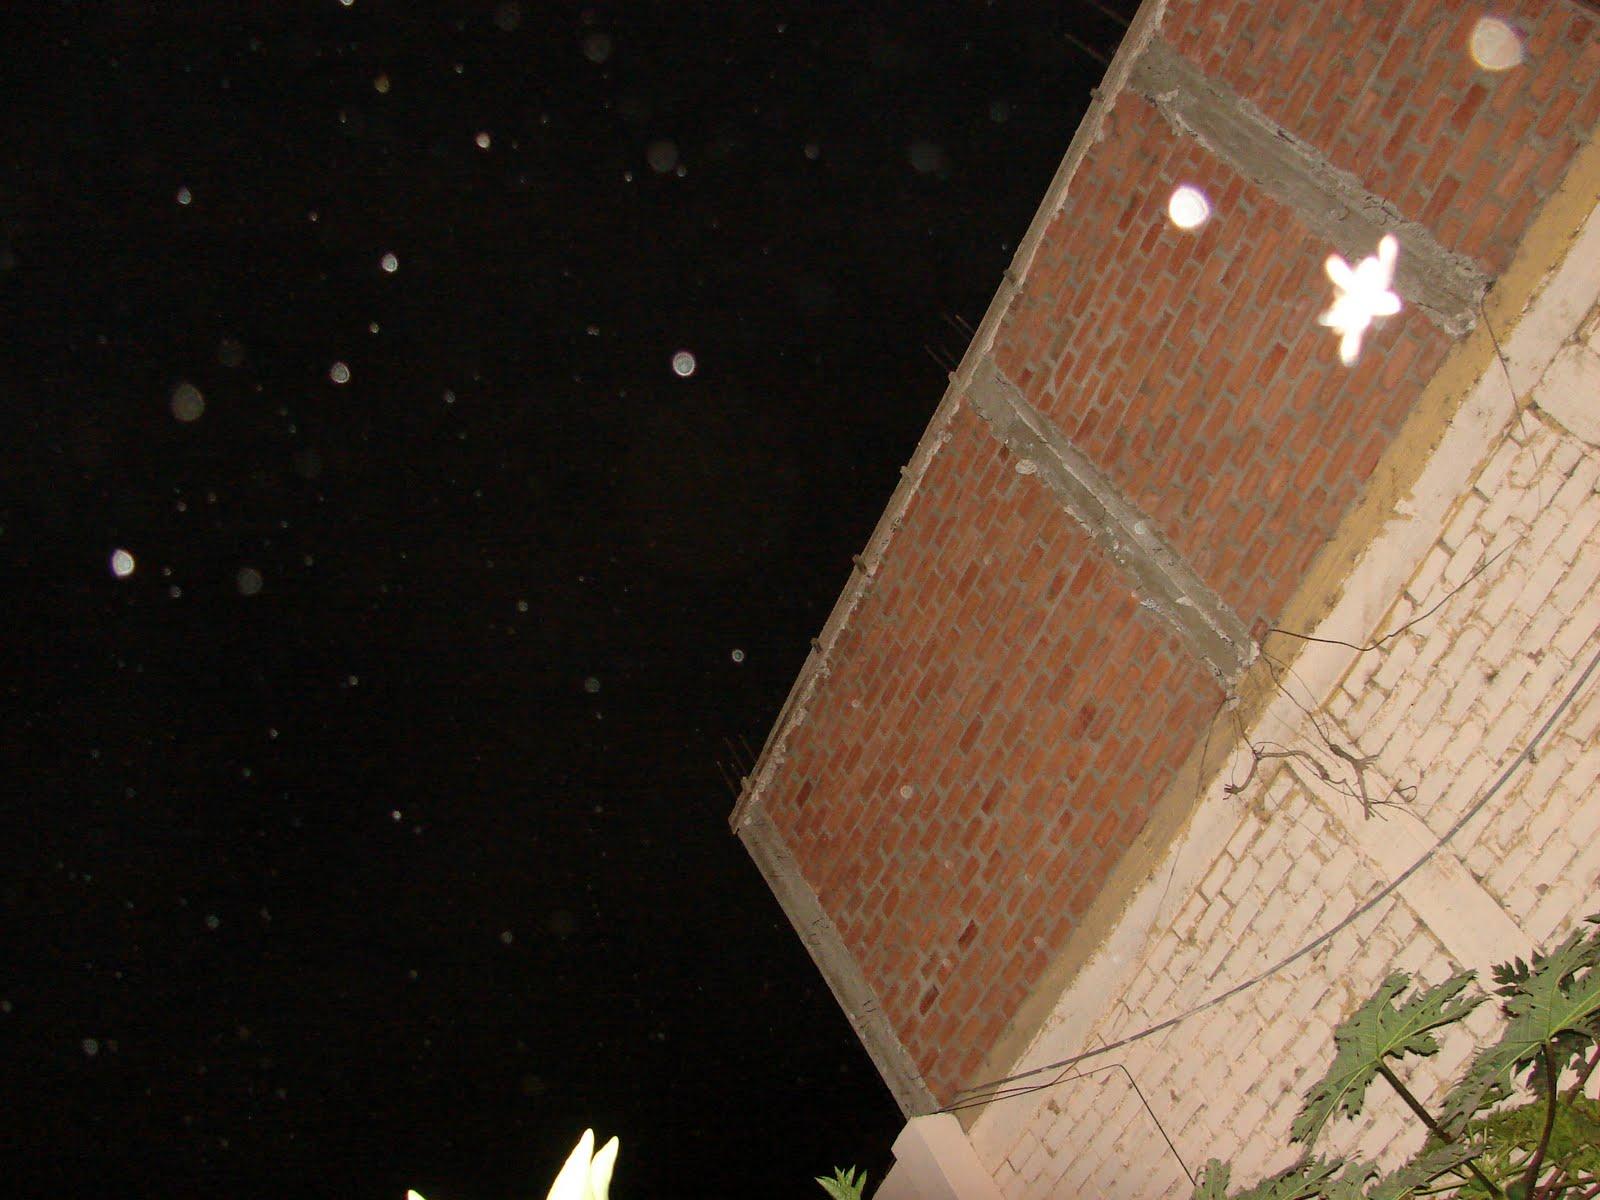 ATENCION-16-septiembre-17-18-19-20-21...2011 Ultimos super Avistamientos Ovni de LUZ en Cielo y par